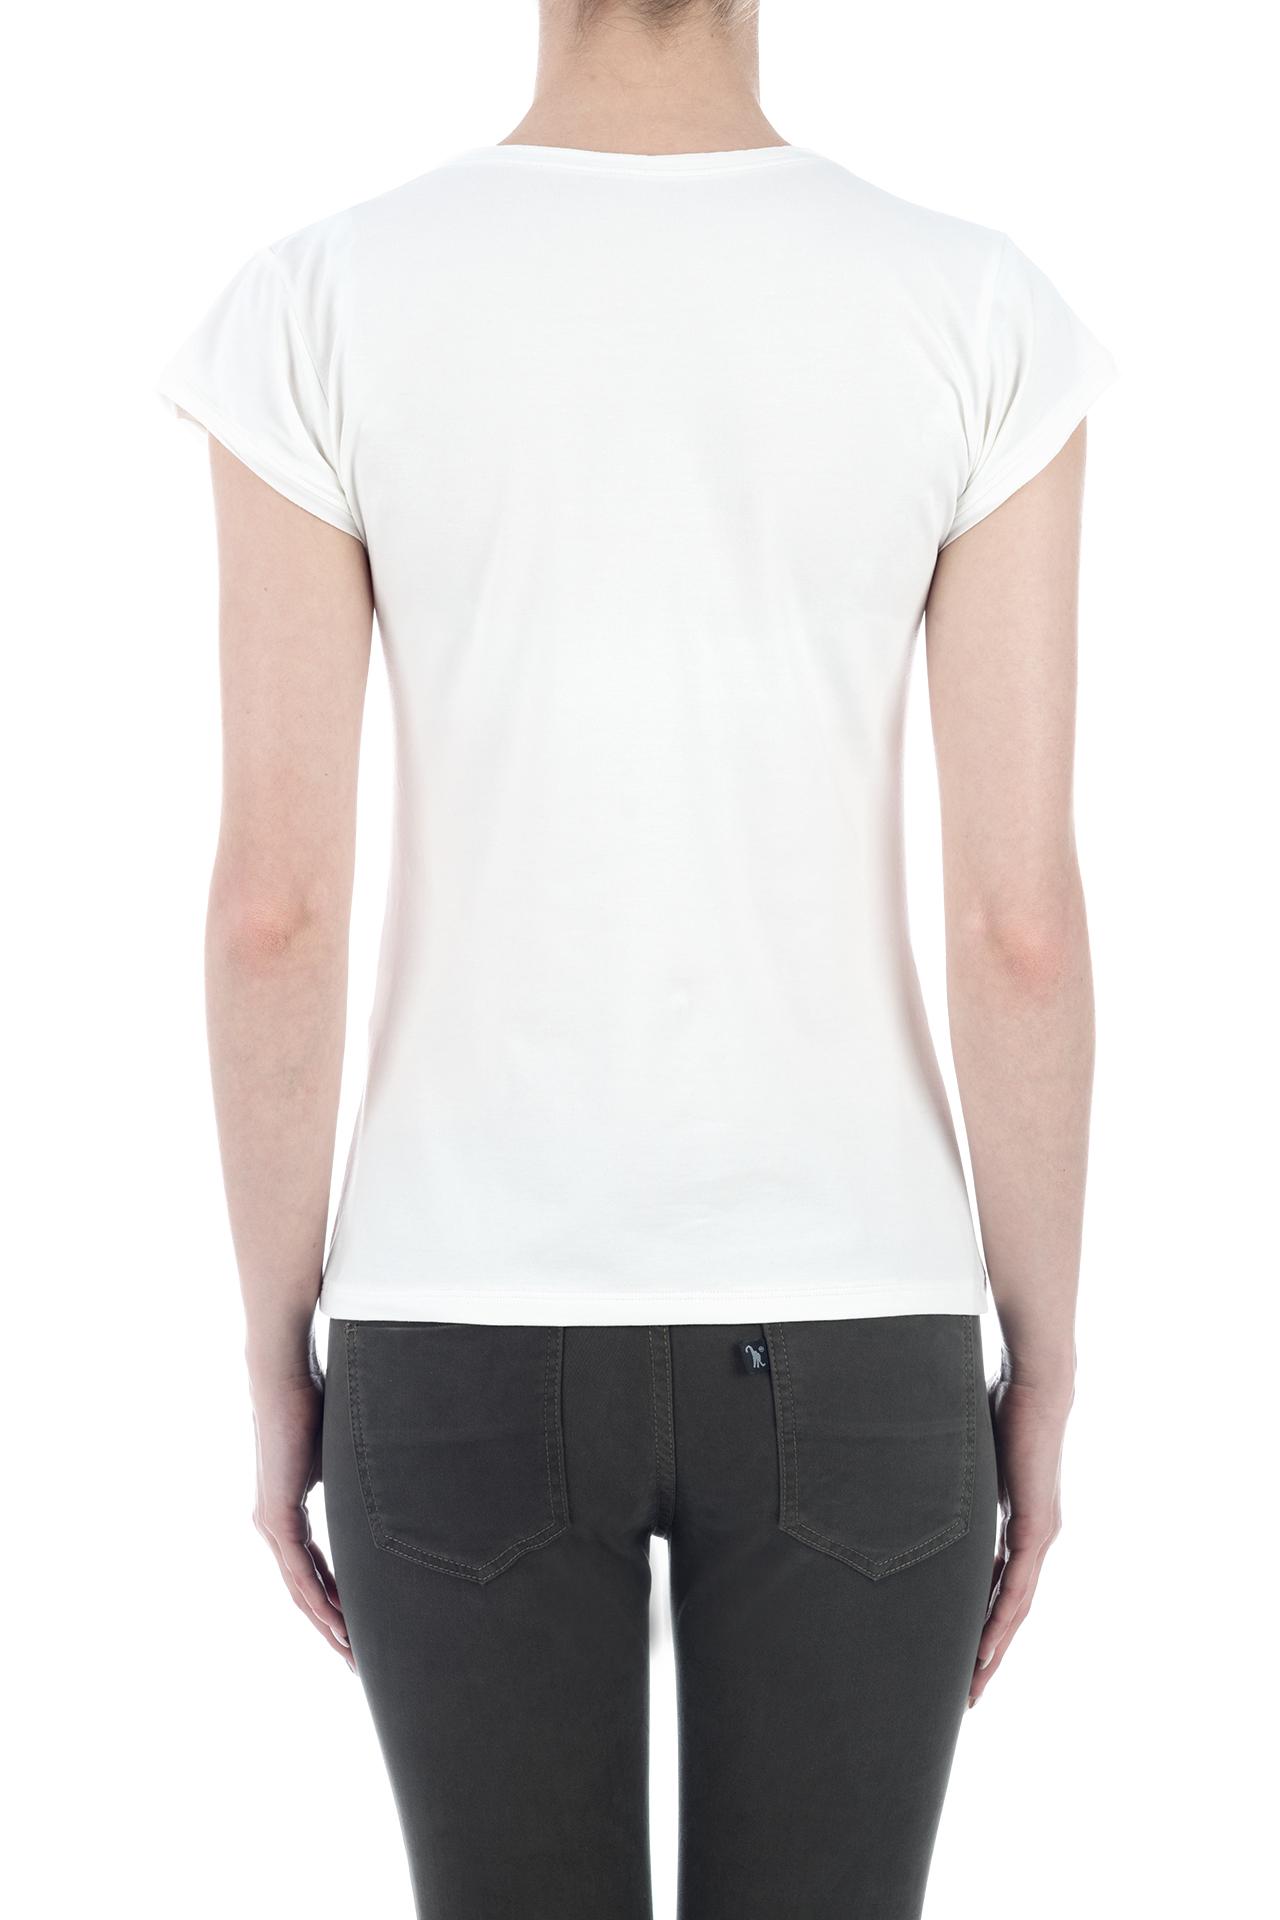 T-SHIRT REG WHITE 3